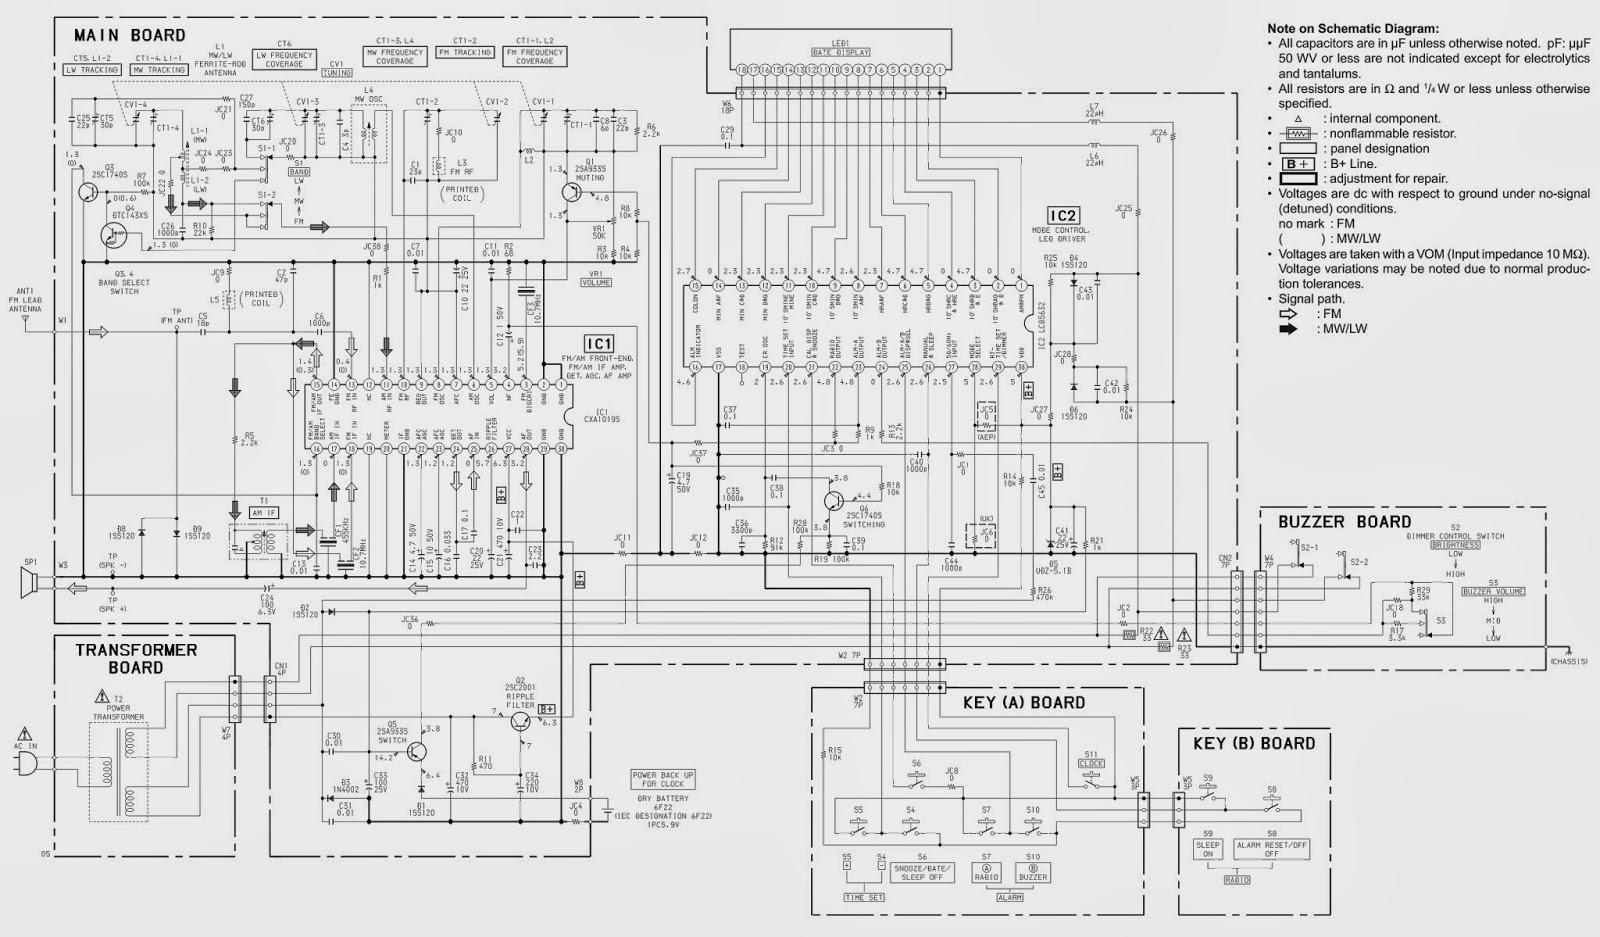 98 kia sportage fuse box diagram